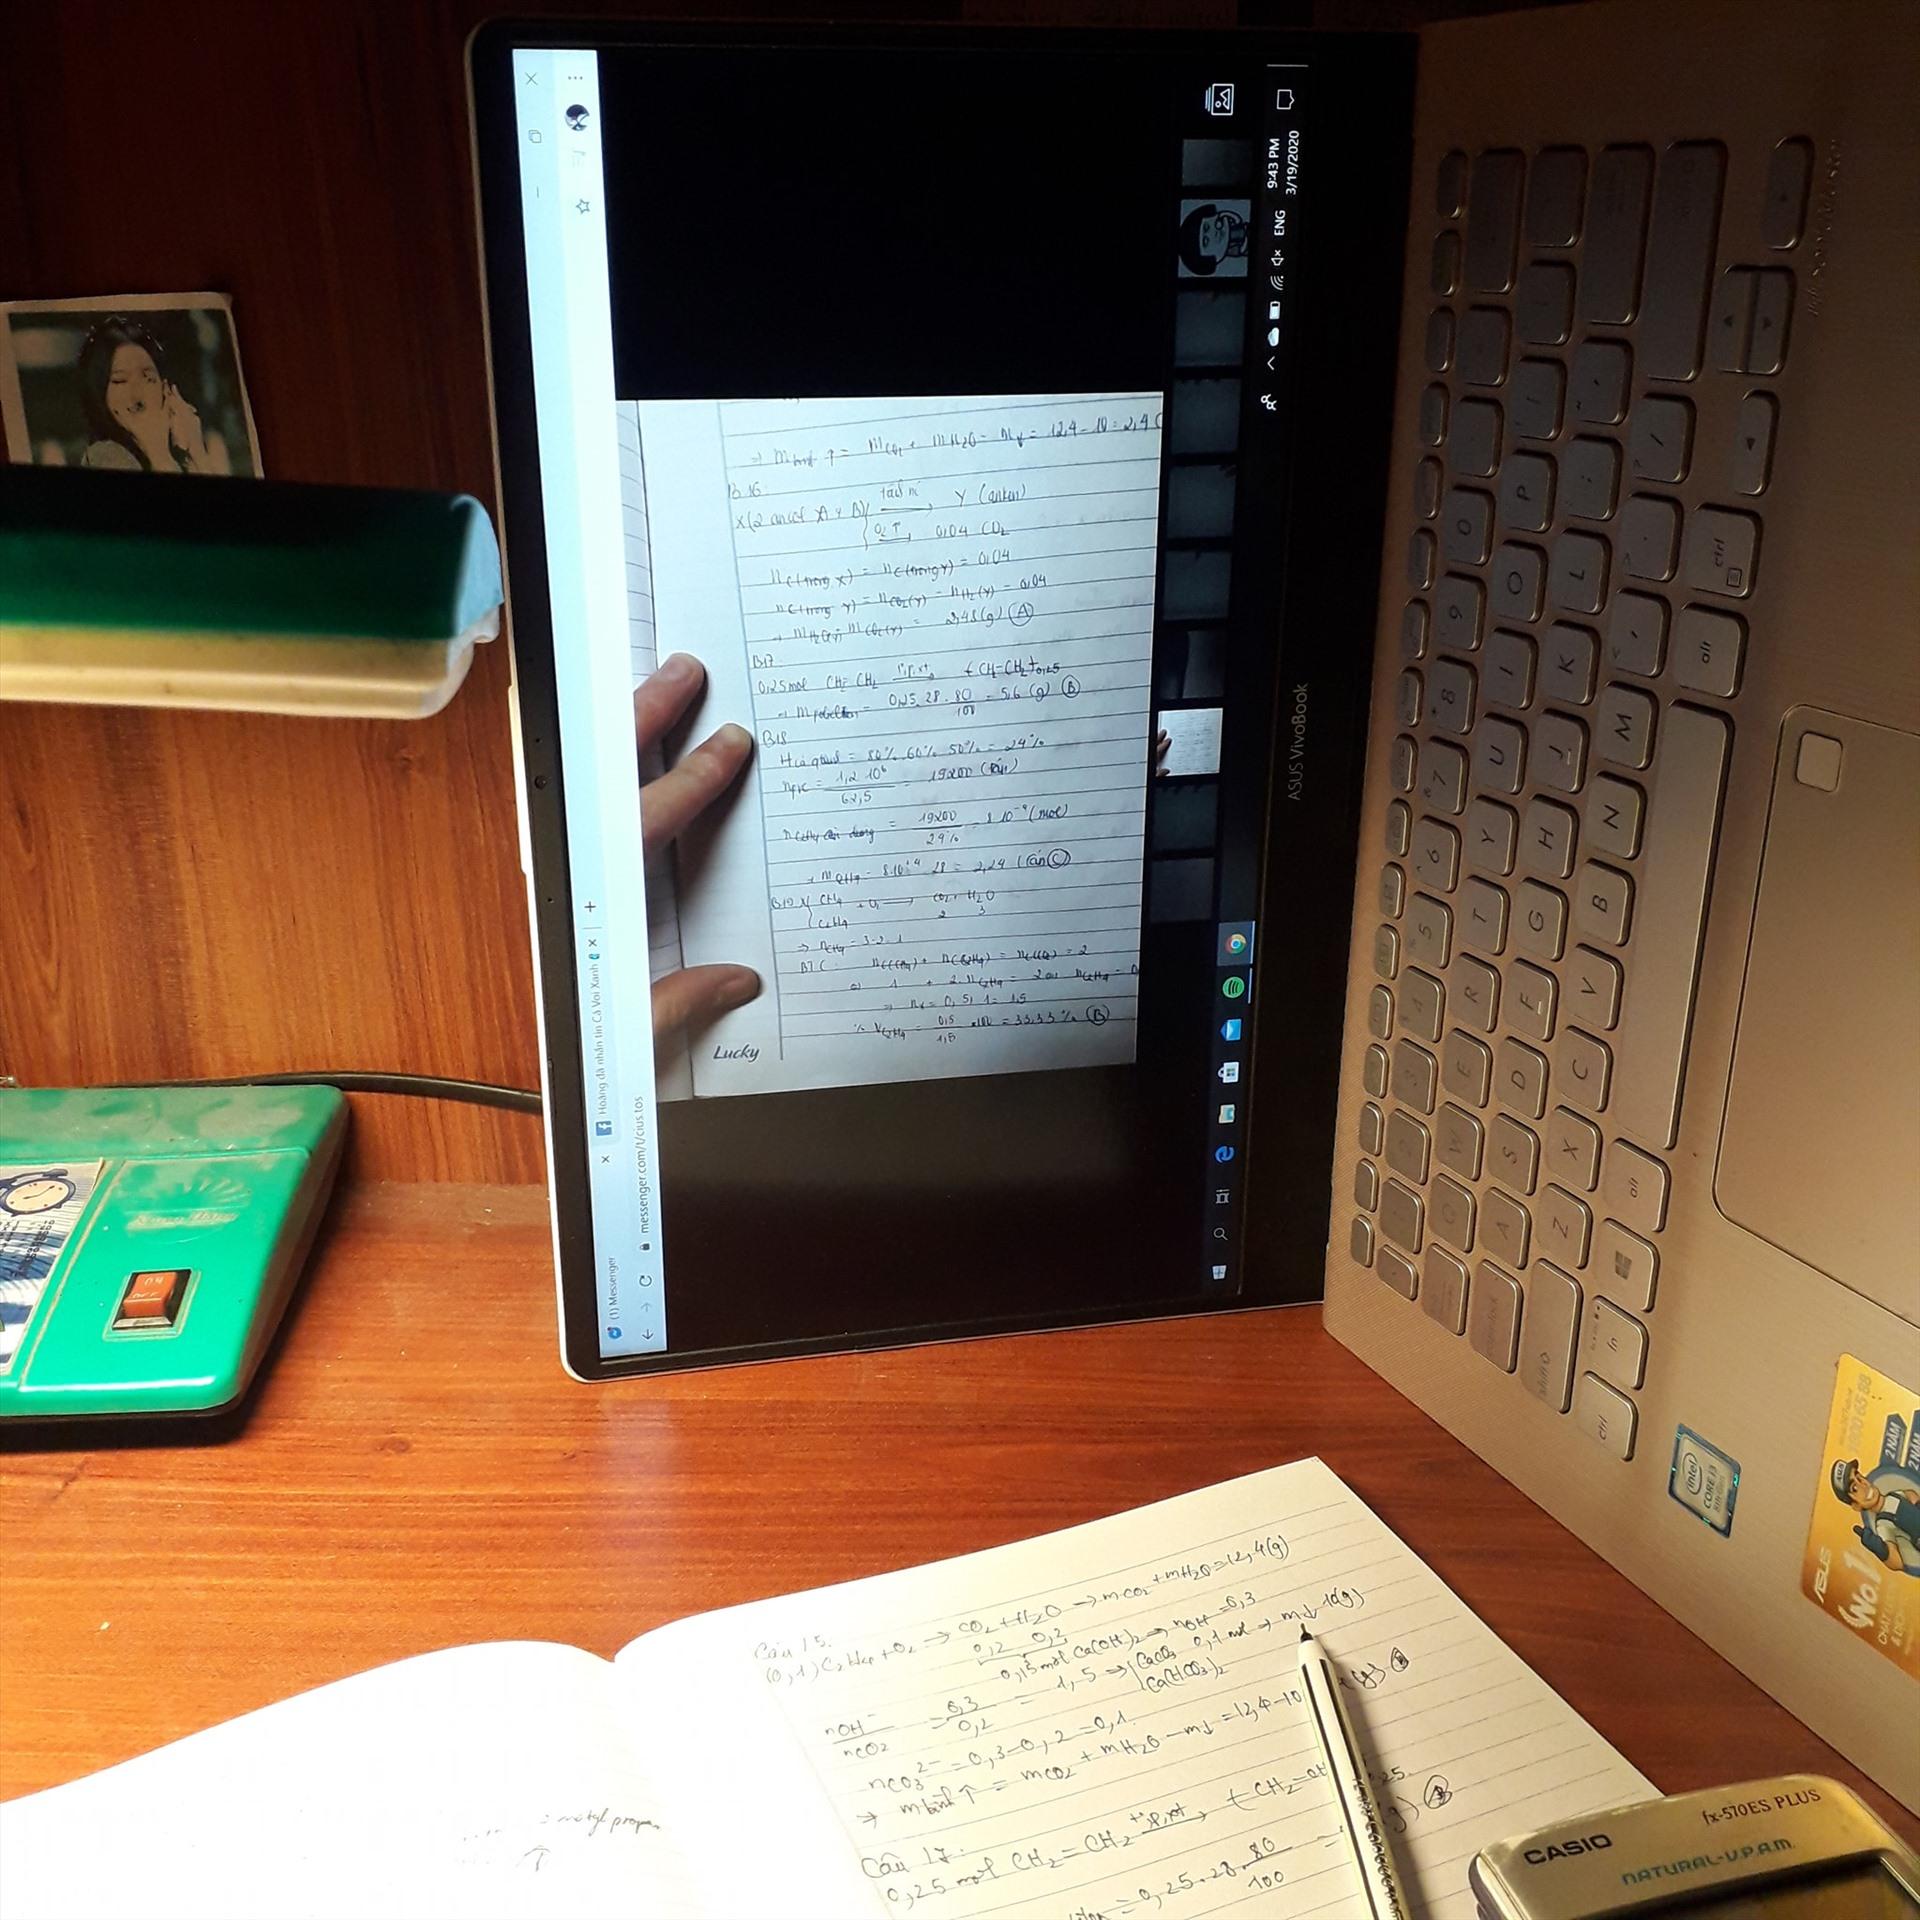 Muôn kiểu vượt khó học tập. Vì màn hình bài giảng của thầy cô bị ngược so với máy tính, học sinh đã quang ngang cả máy để tiện xem bài.